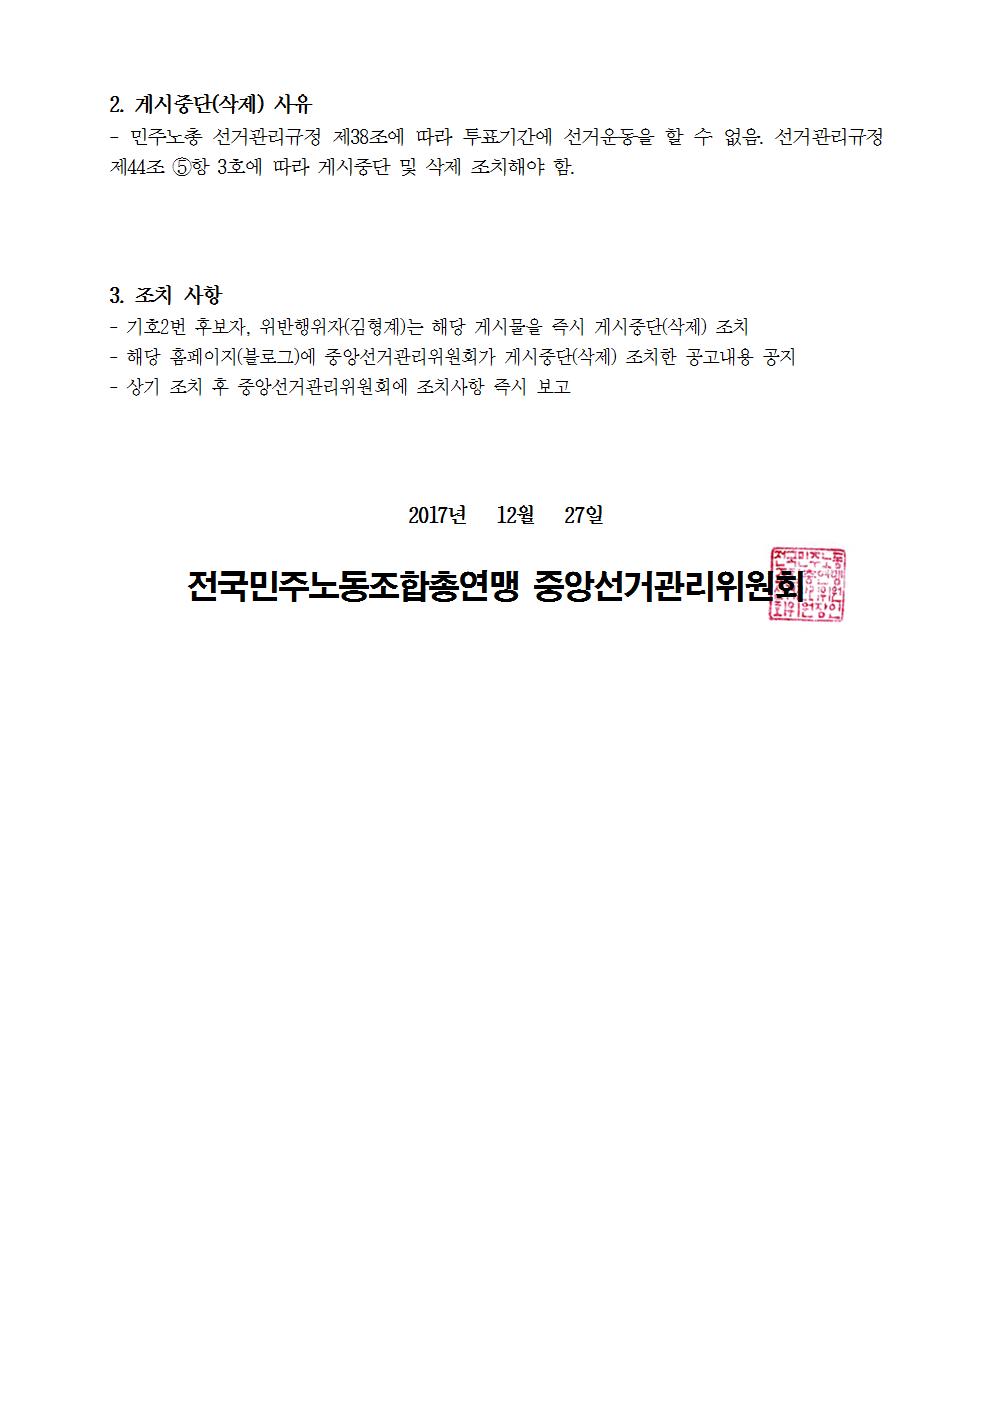 기호2번 후보자 소셜미디어(SNS) 게시물 게시중단(삭제) 명령 공고002.png